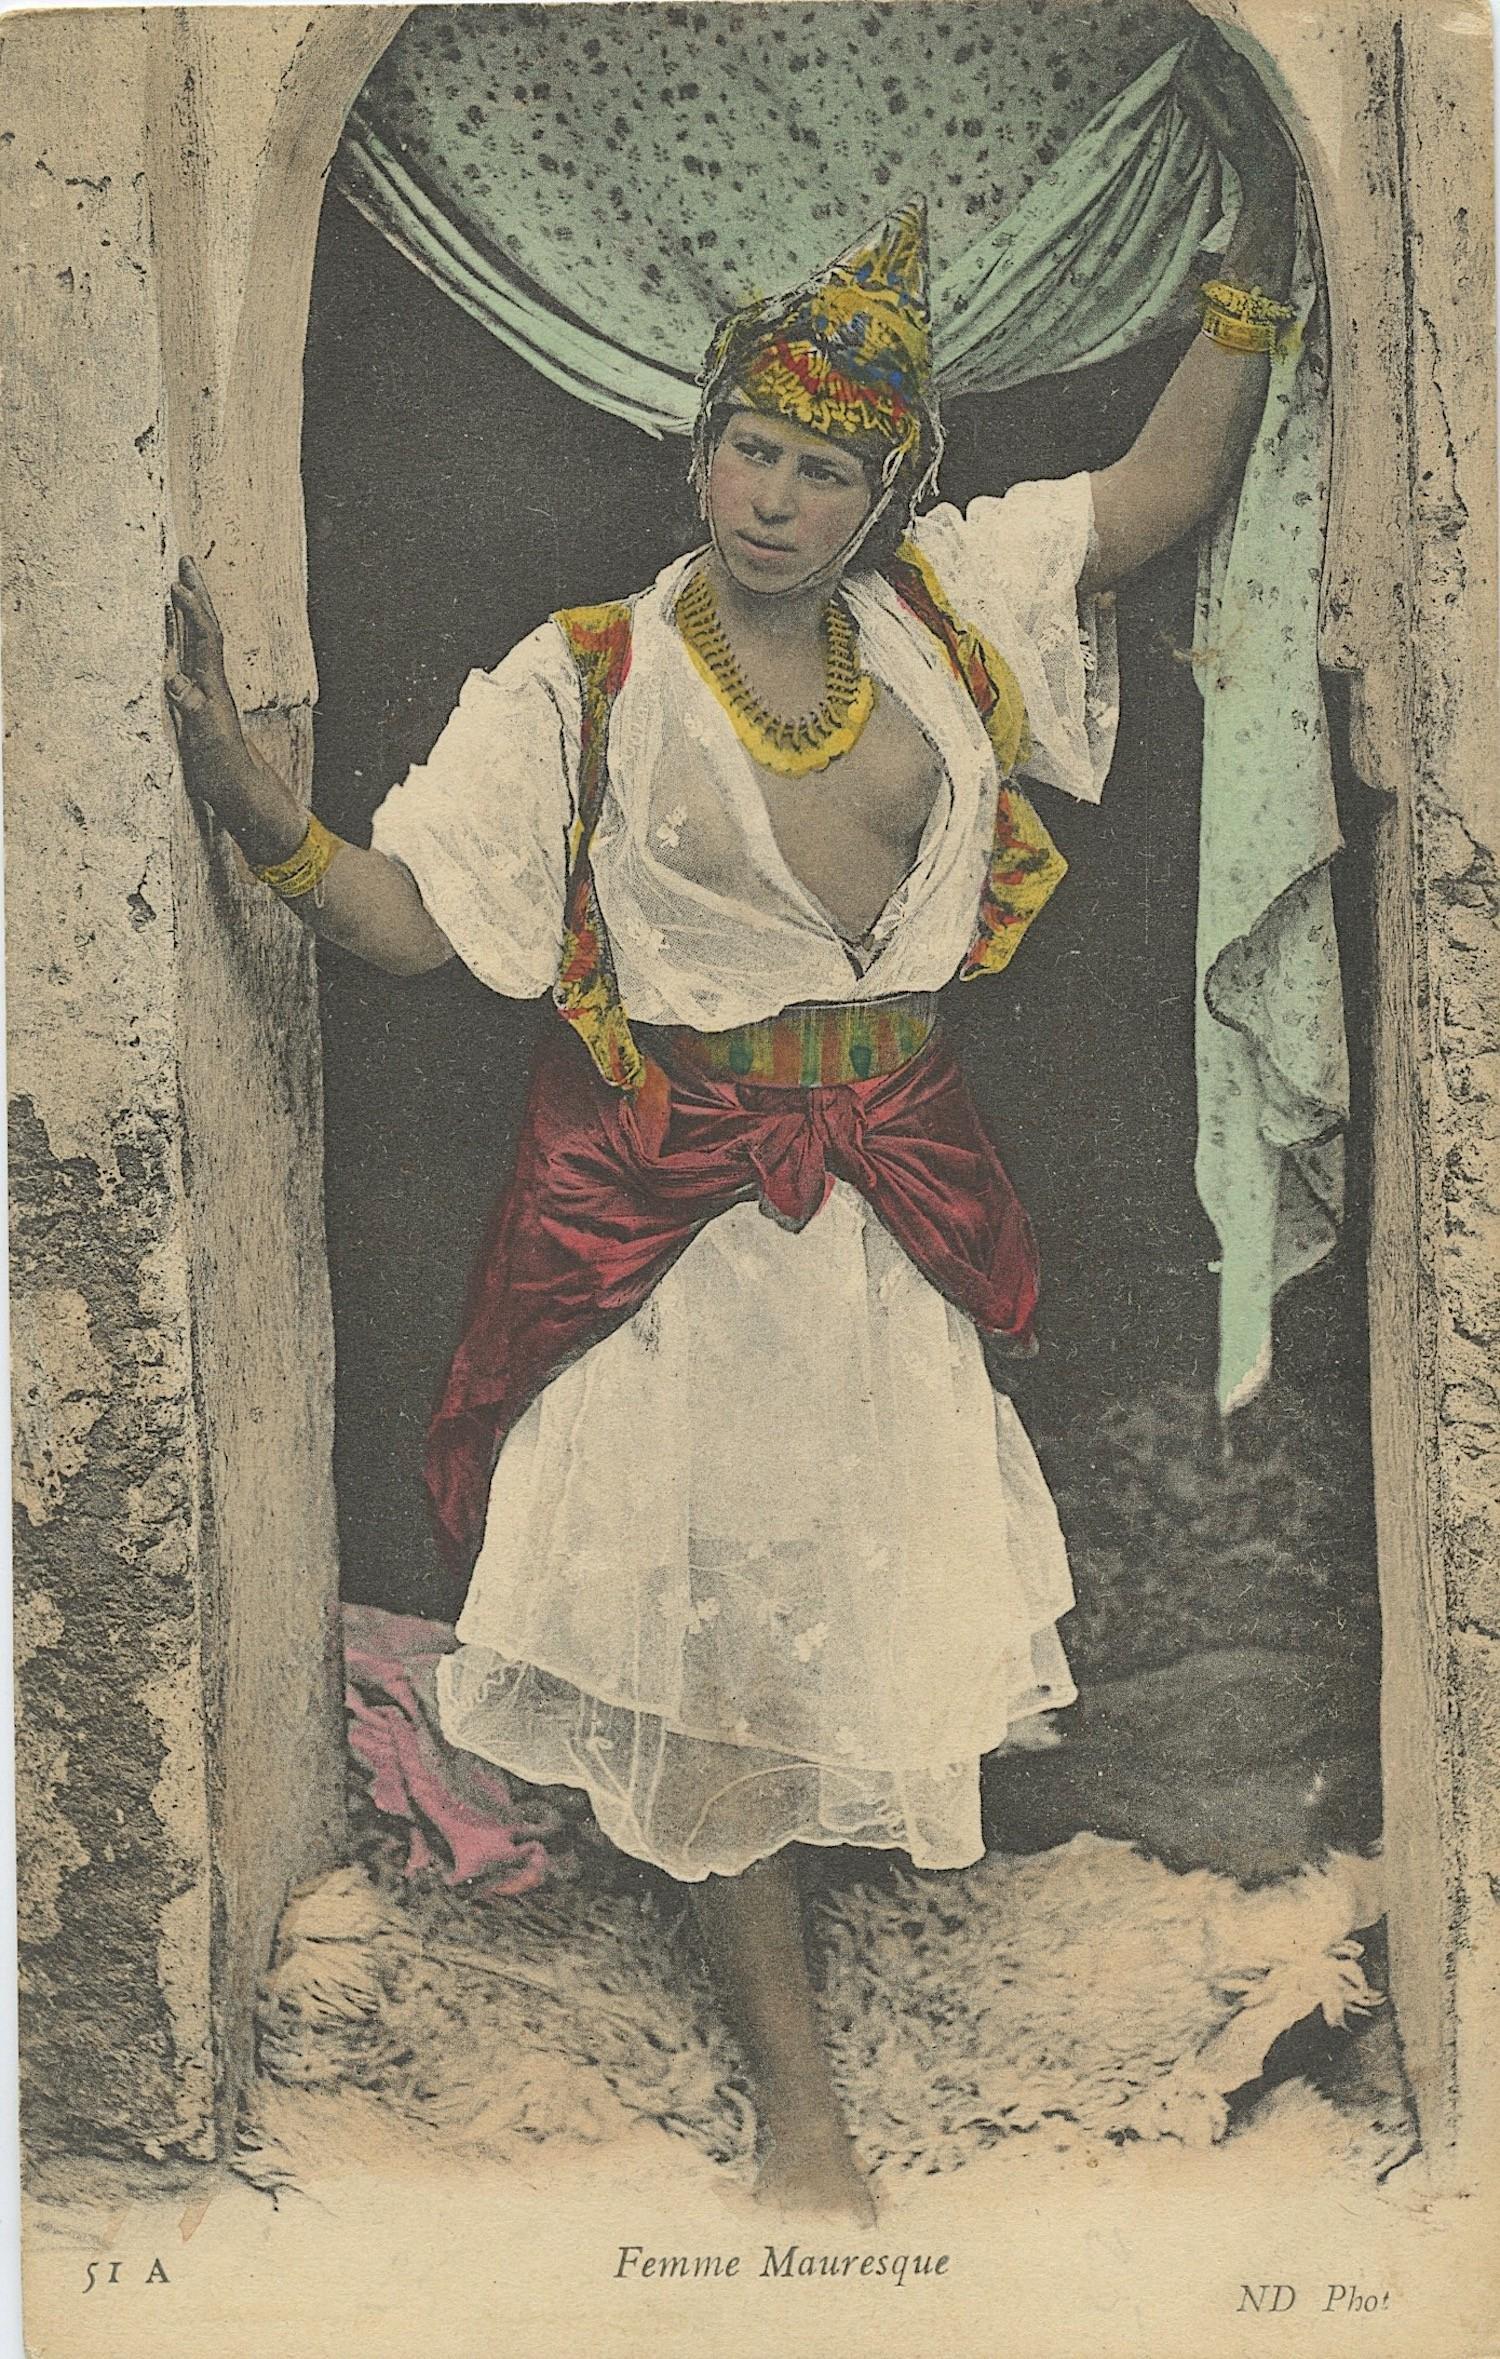 Set of 129 Antique Vintage Victorian Fashion and Souvenir Postcards